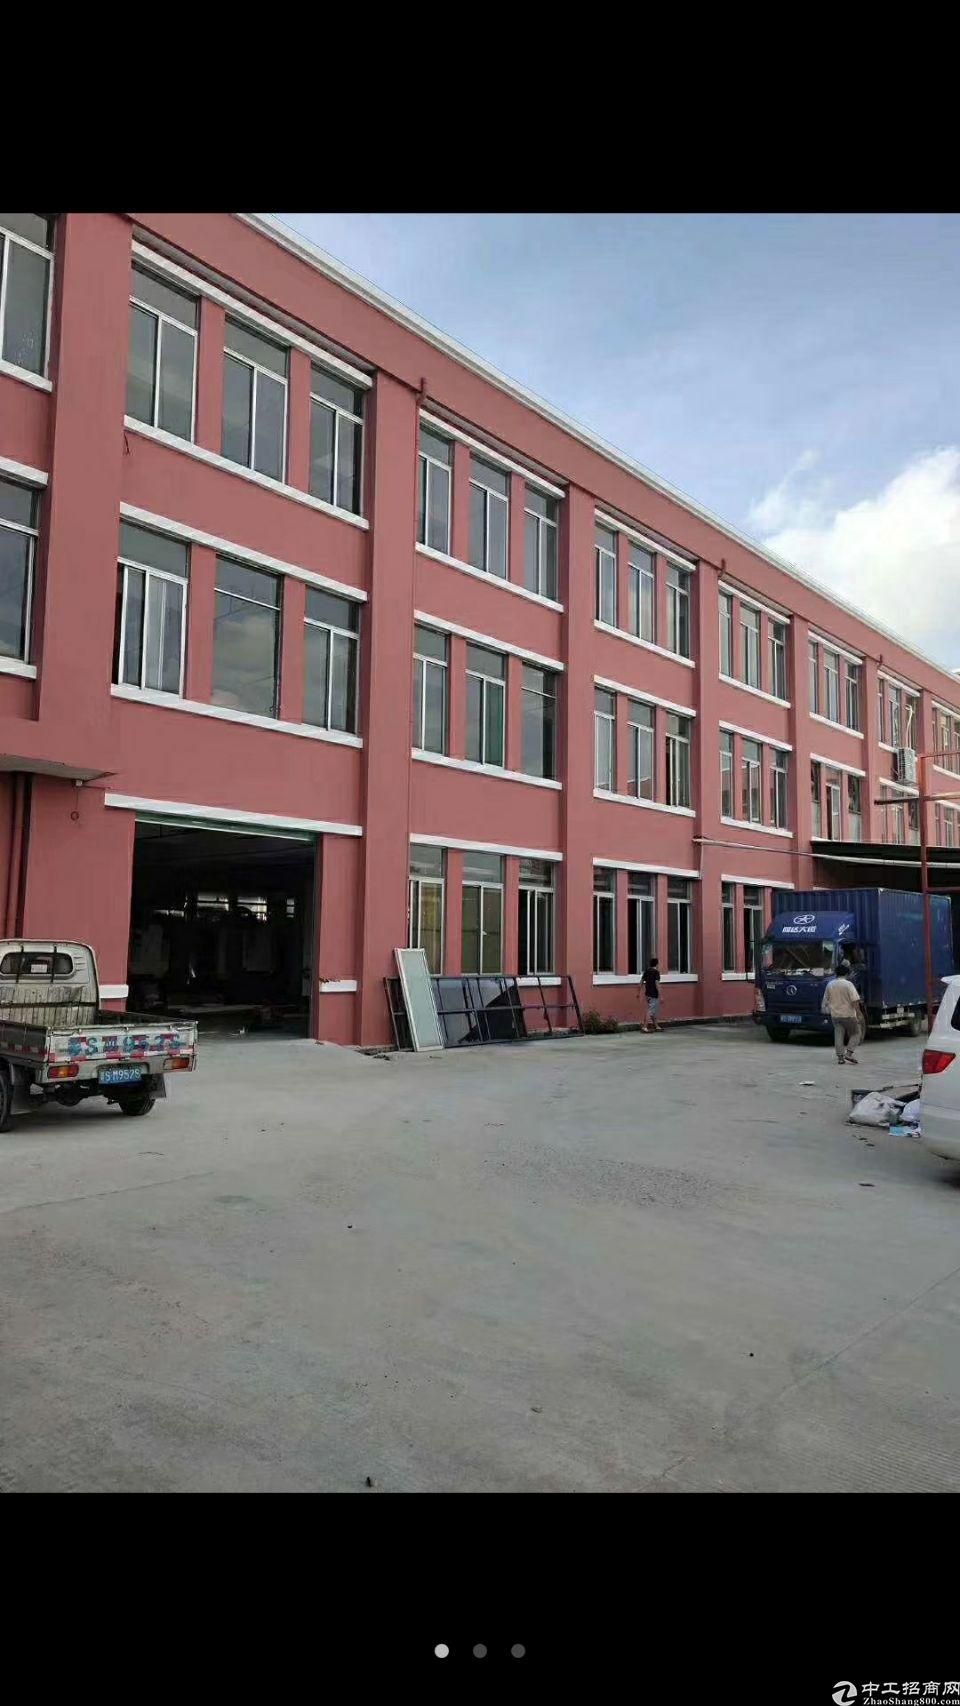 柏塘镇原房东标准工业厂房2000,证件齐全,豪华精装修